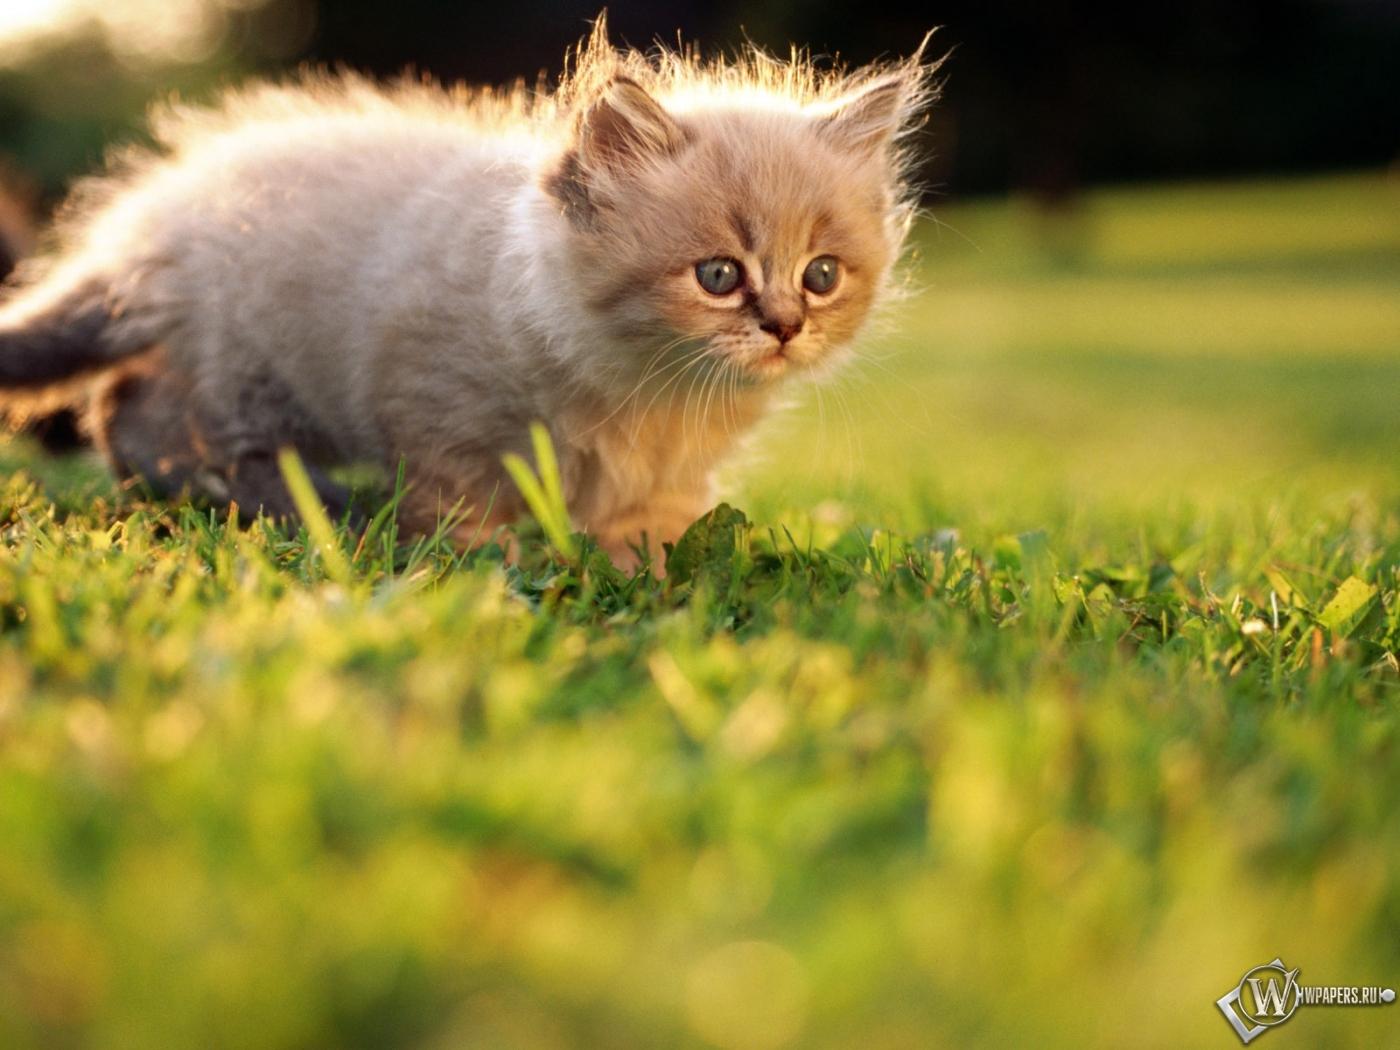 Котёнок на прогулке 1400x1050